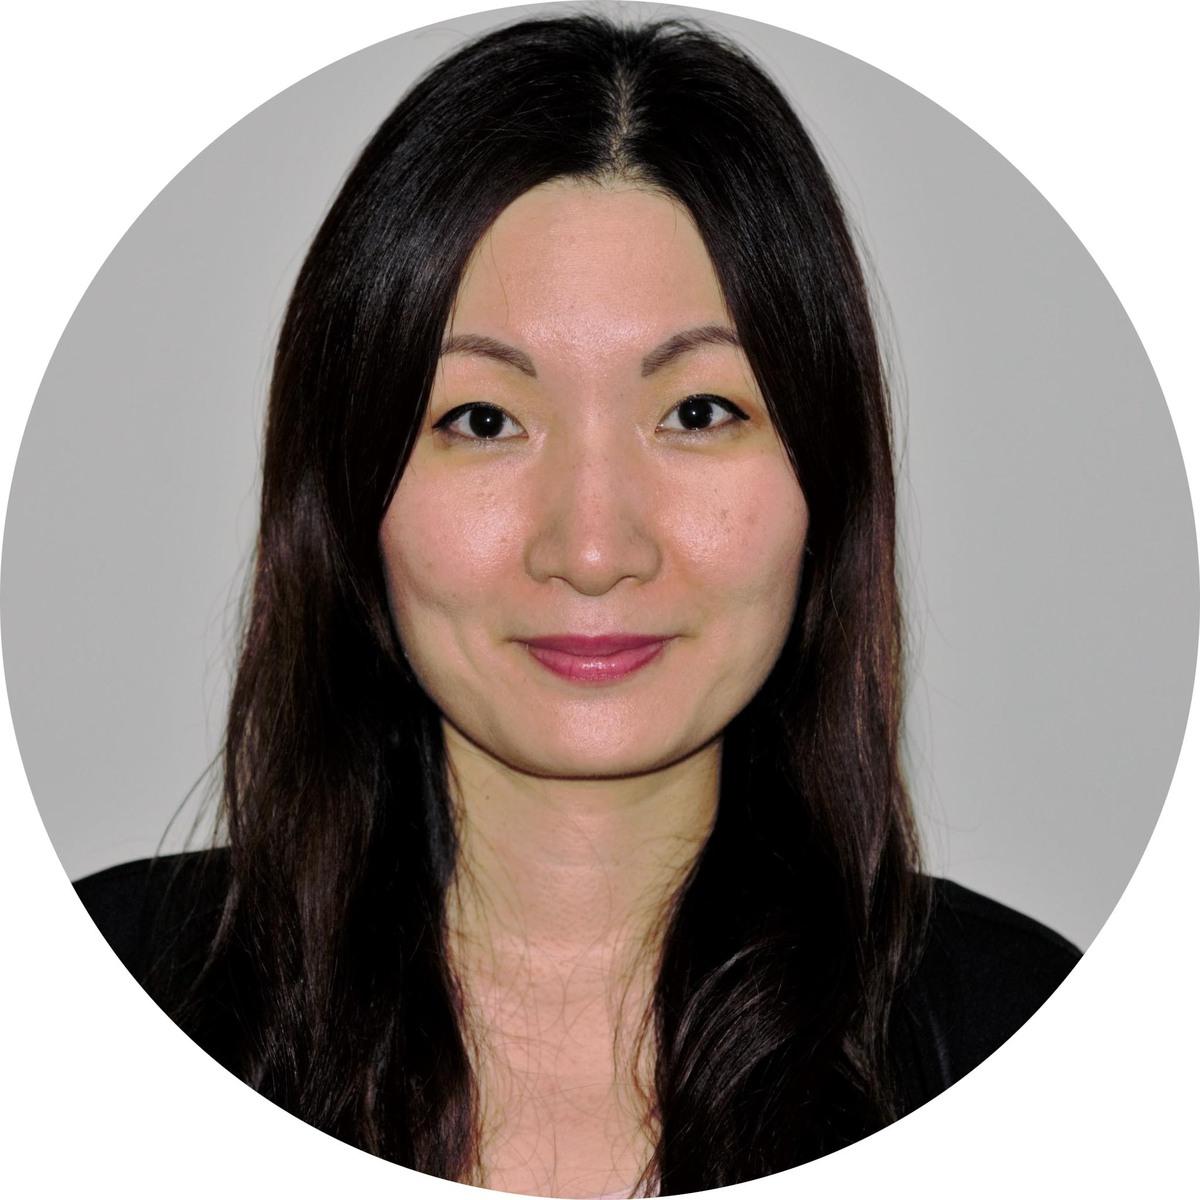 Dr. Alice Kim